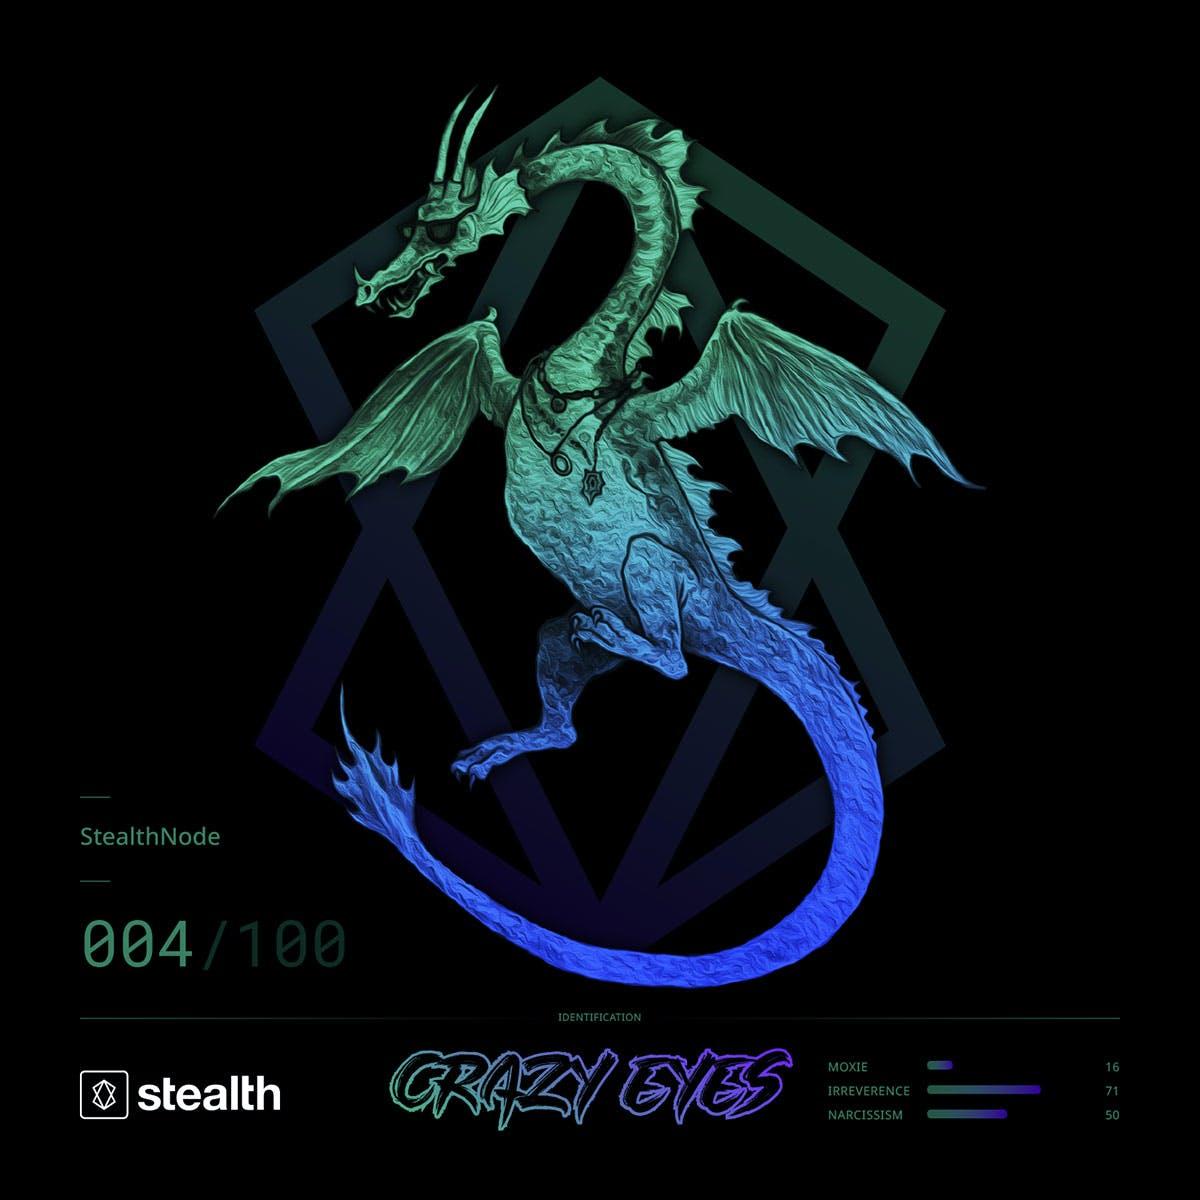 Stealth Dragon NFT - Crazy Eyes